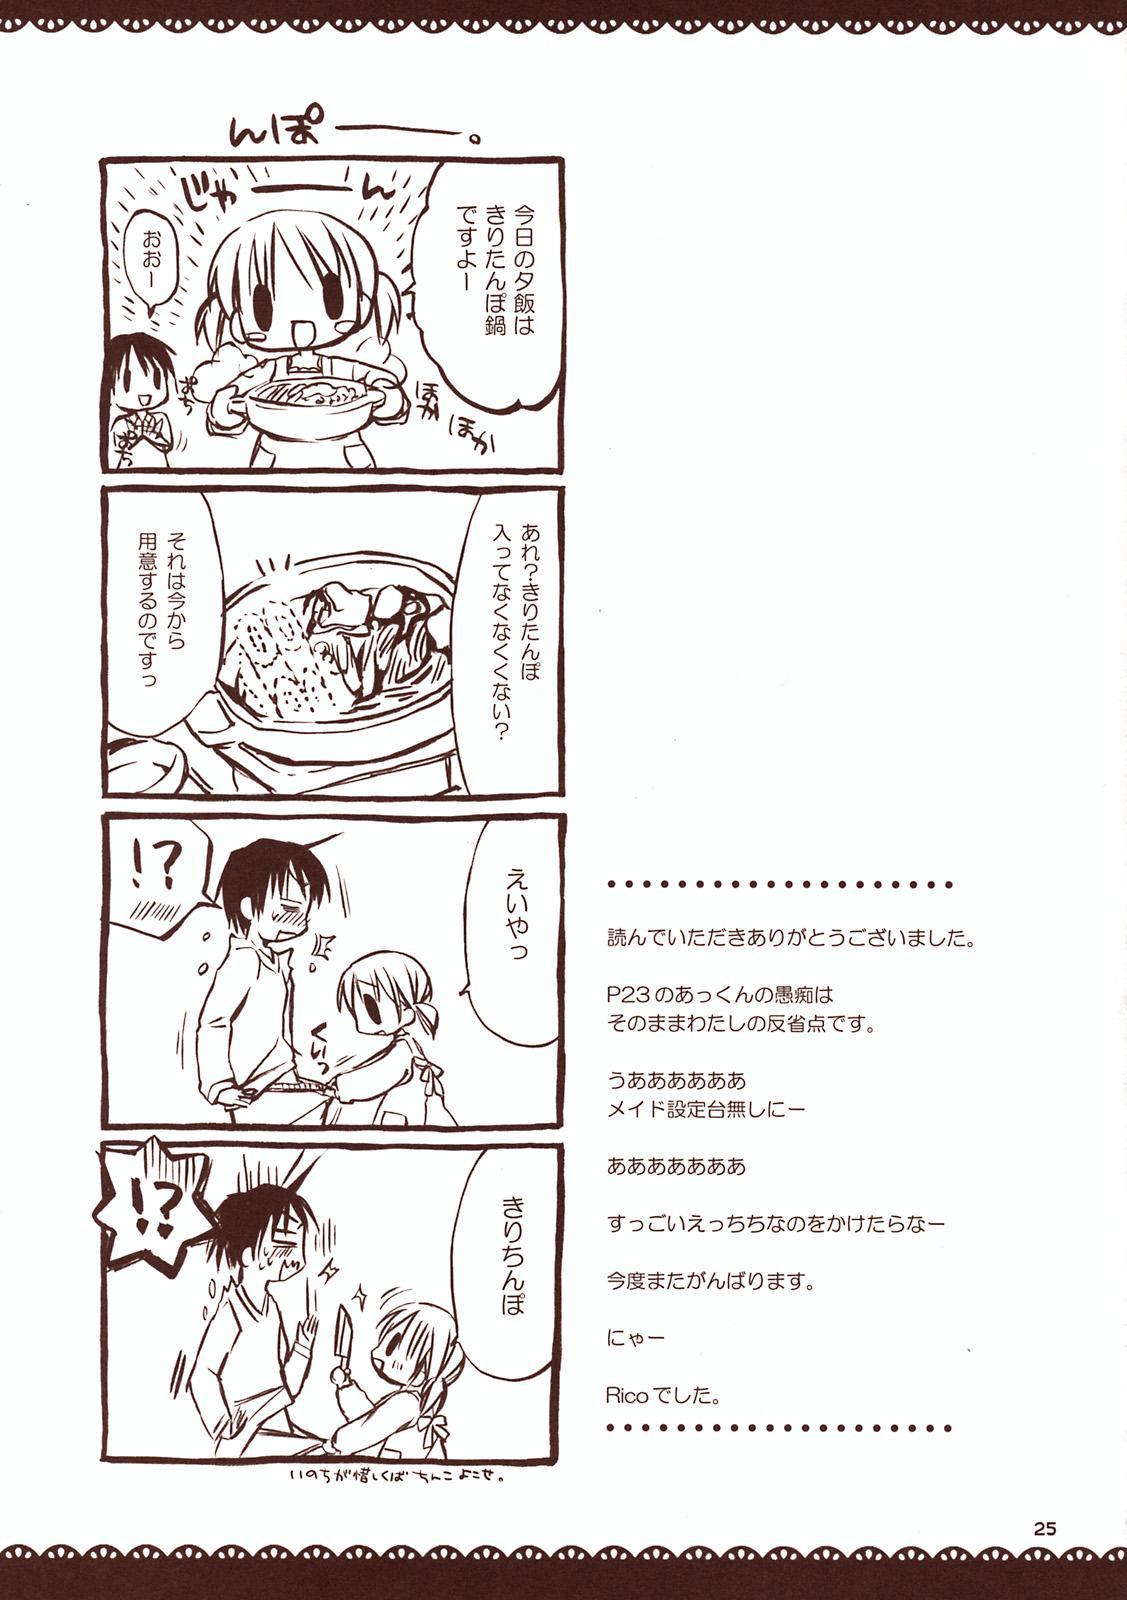 Maid-san to Amai Jikan 23